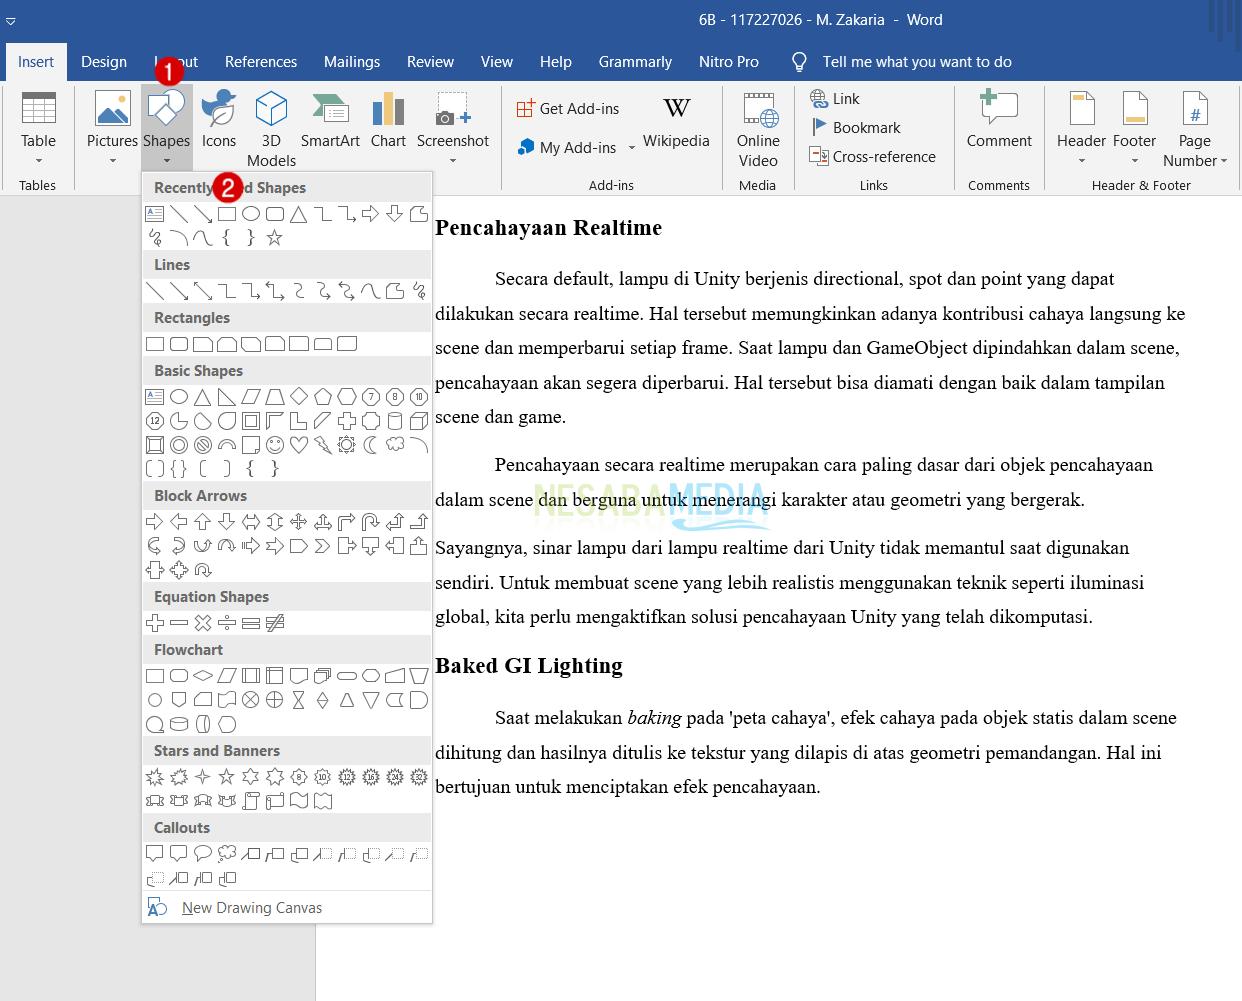 Membuat Gambar di Word Jadi Transparan 1